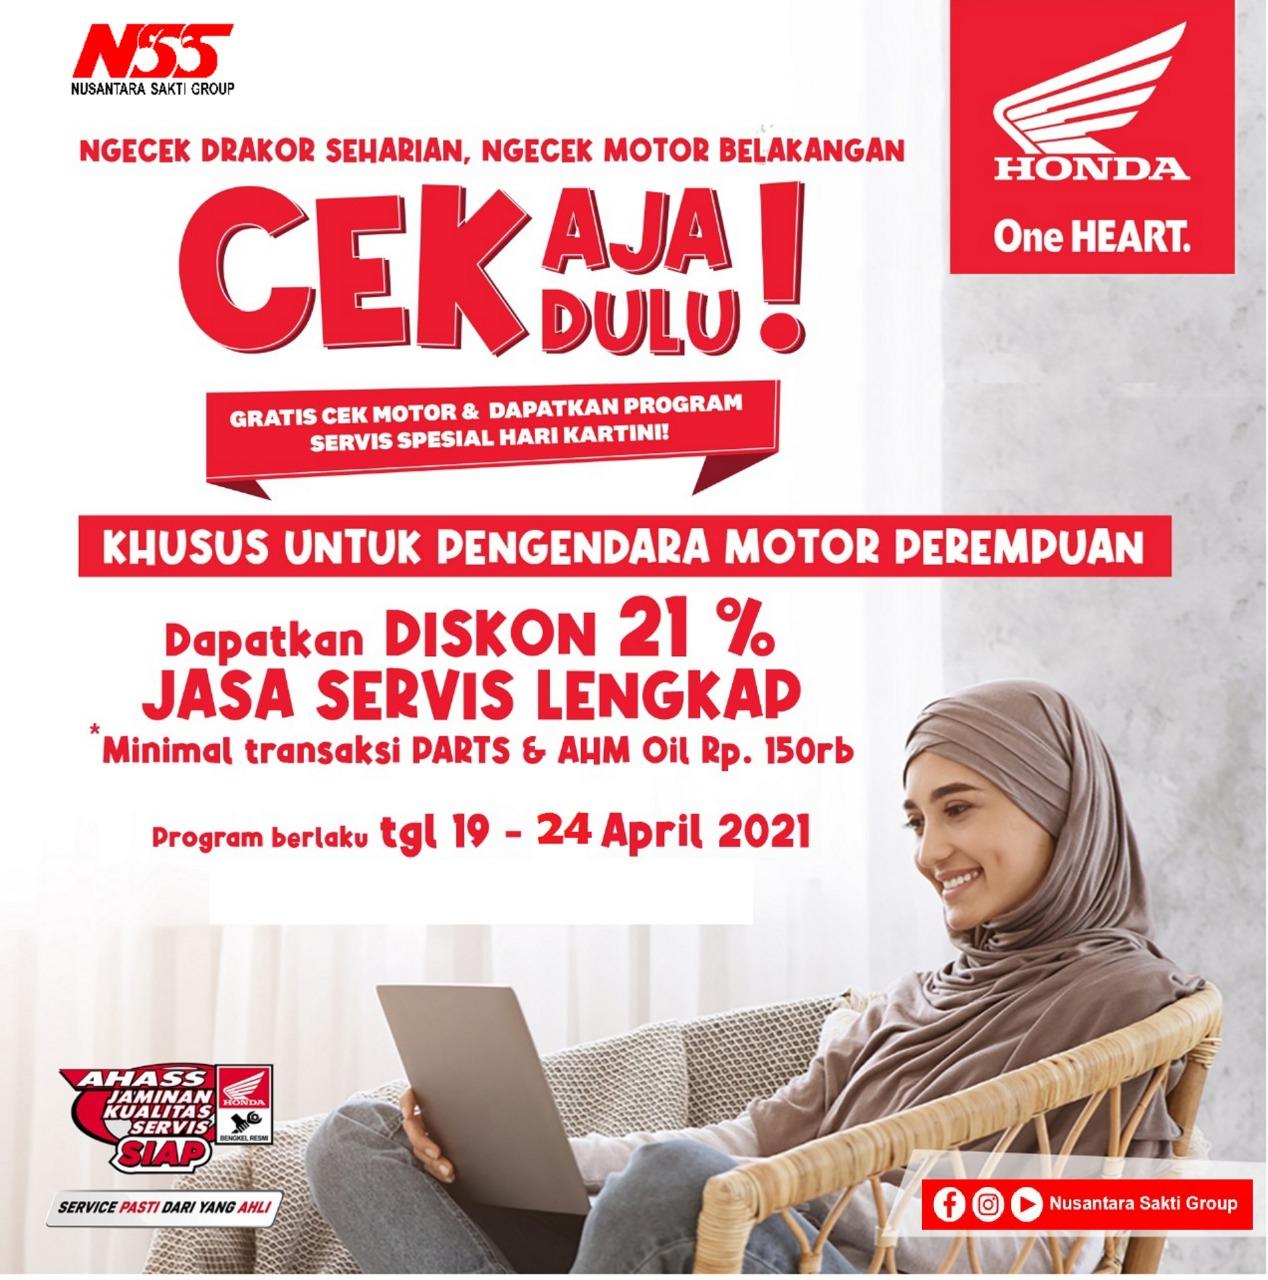 Dalam rangka Hari Kartini AHASS NSS Manggar juga menghadirkan Promo khusus untuk pengendara Perempuan yakni Discount 21% Jasa Servis Lengkap dengan minimal transaksi parts & AHM Oil Rp. 150rb, Yang mana program ini berlaku mulai tgl 19 - 24 April 2021.